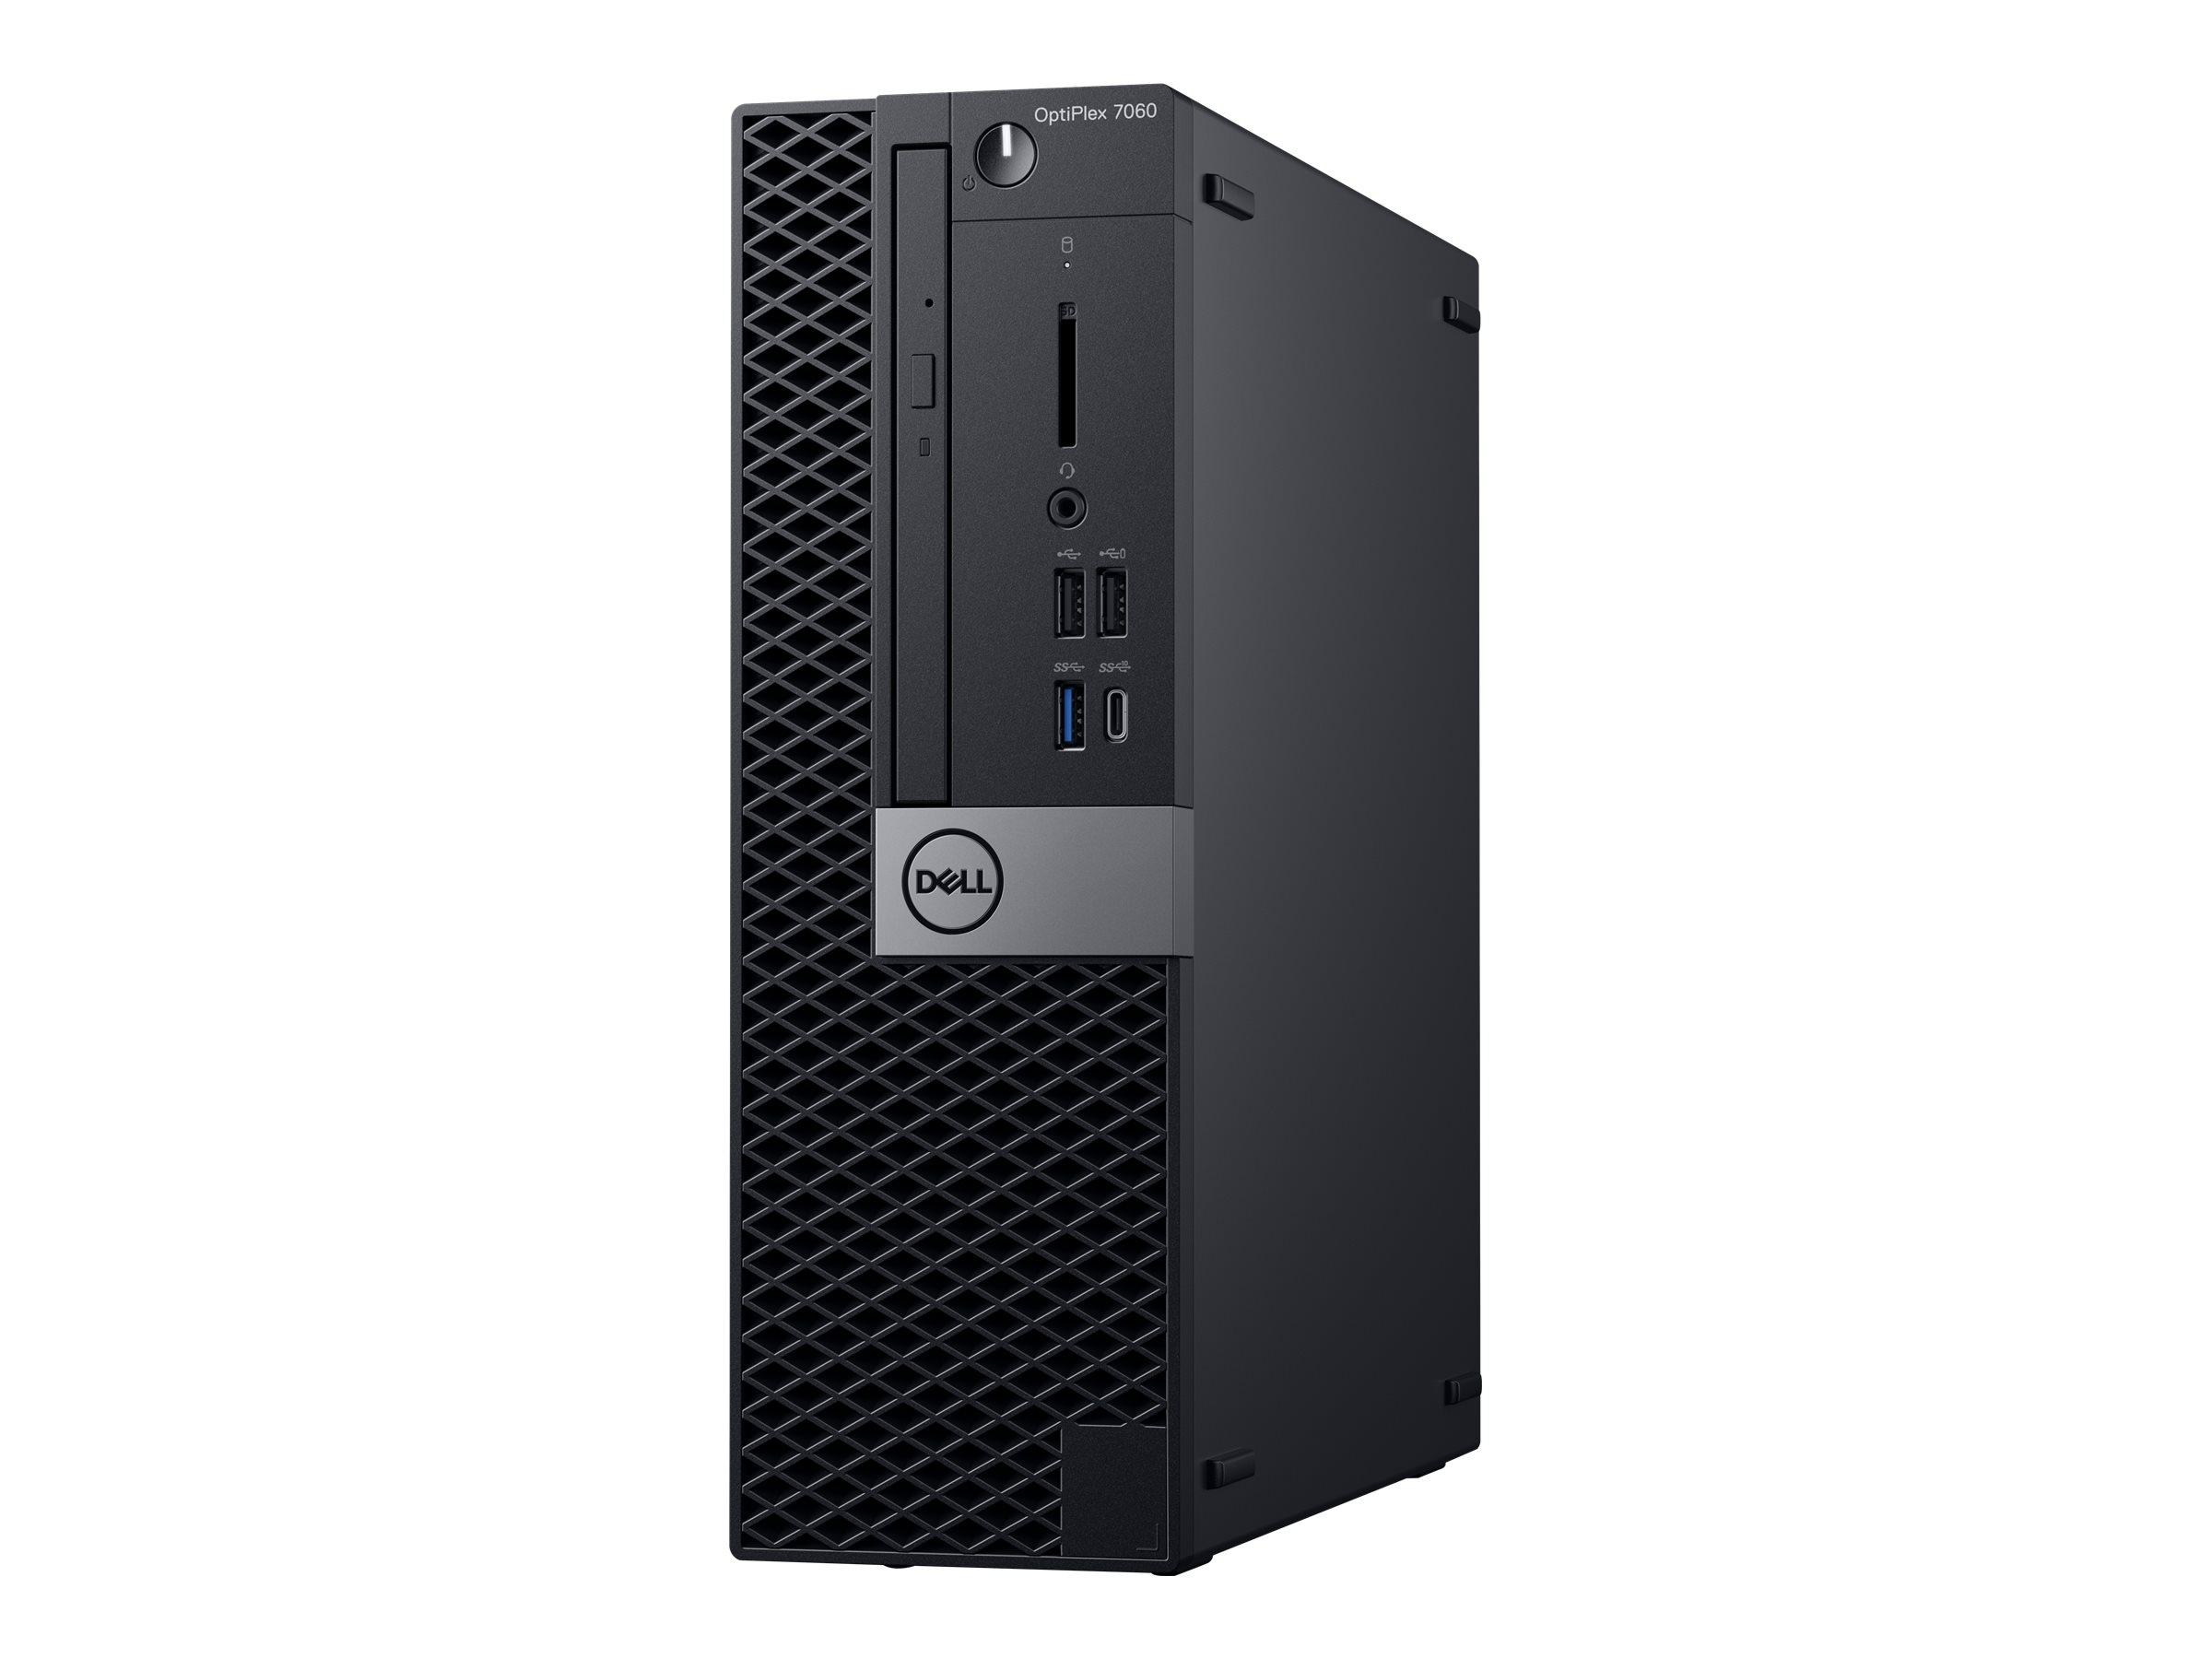 Dell OptiPlex 7060 - SFF - 1 x Core i7 8700 / 3.2 GHz - RAM 8 GB - SSD 256 GB - DVD-Writer